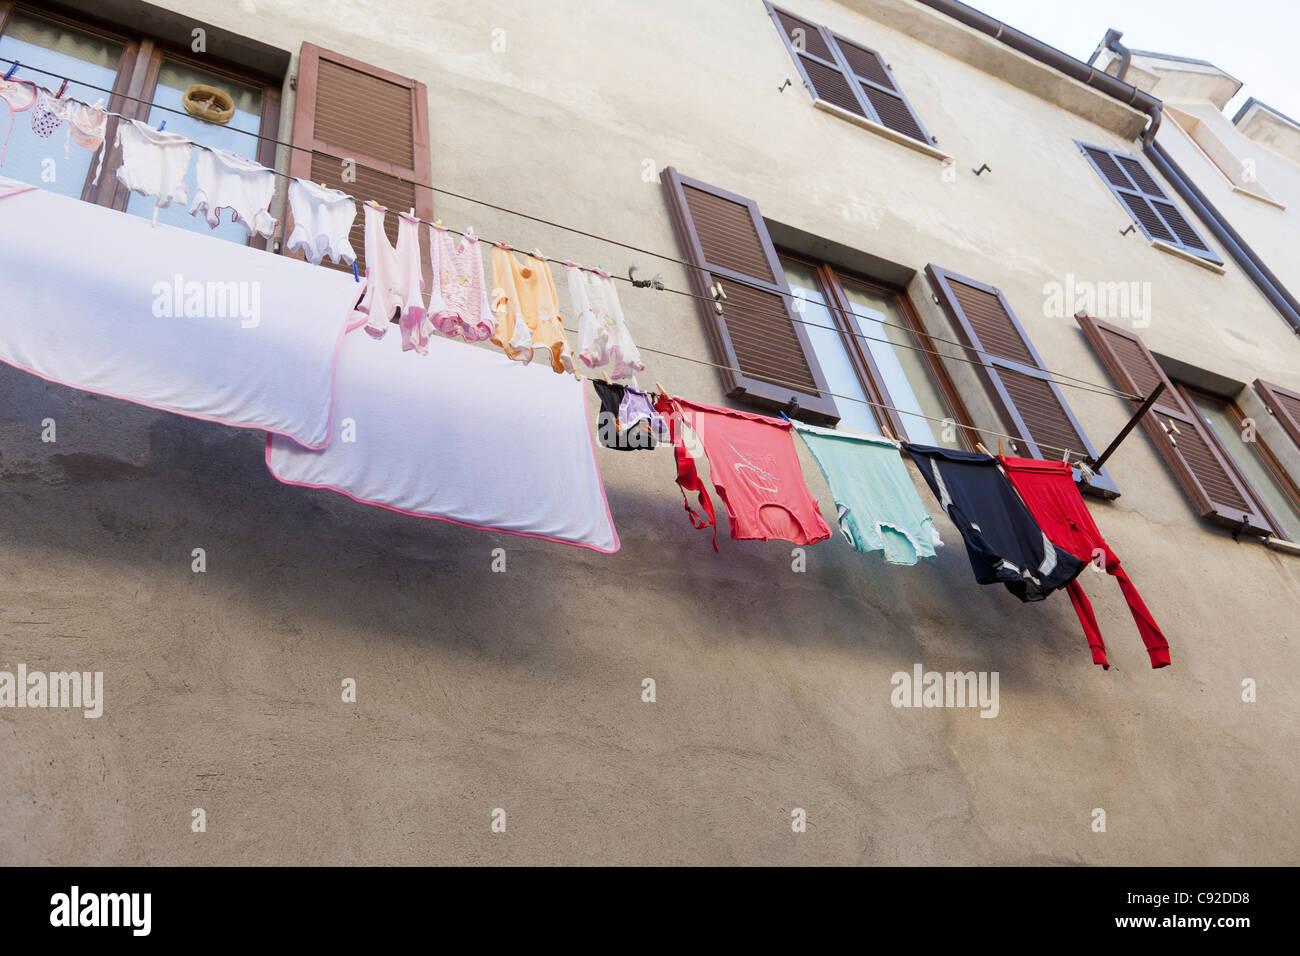 Ropa colgando en la línea de windows Imagen De Stock